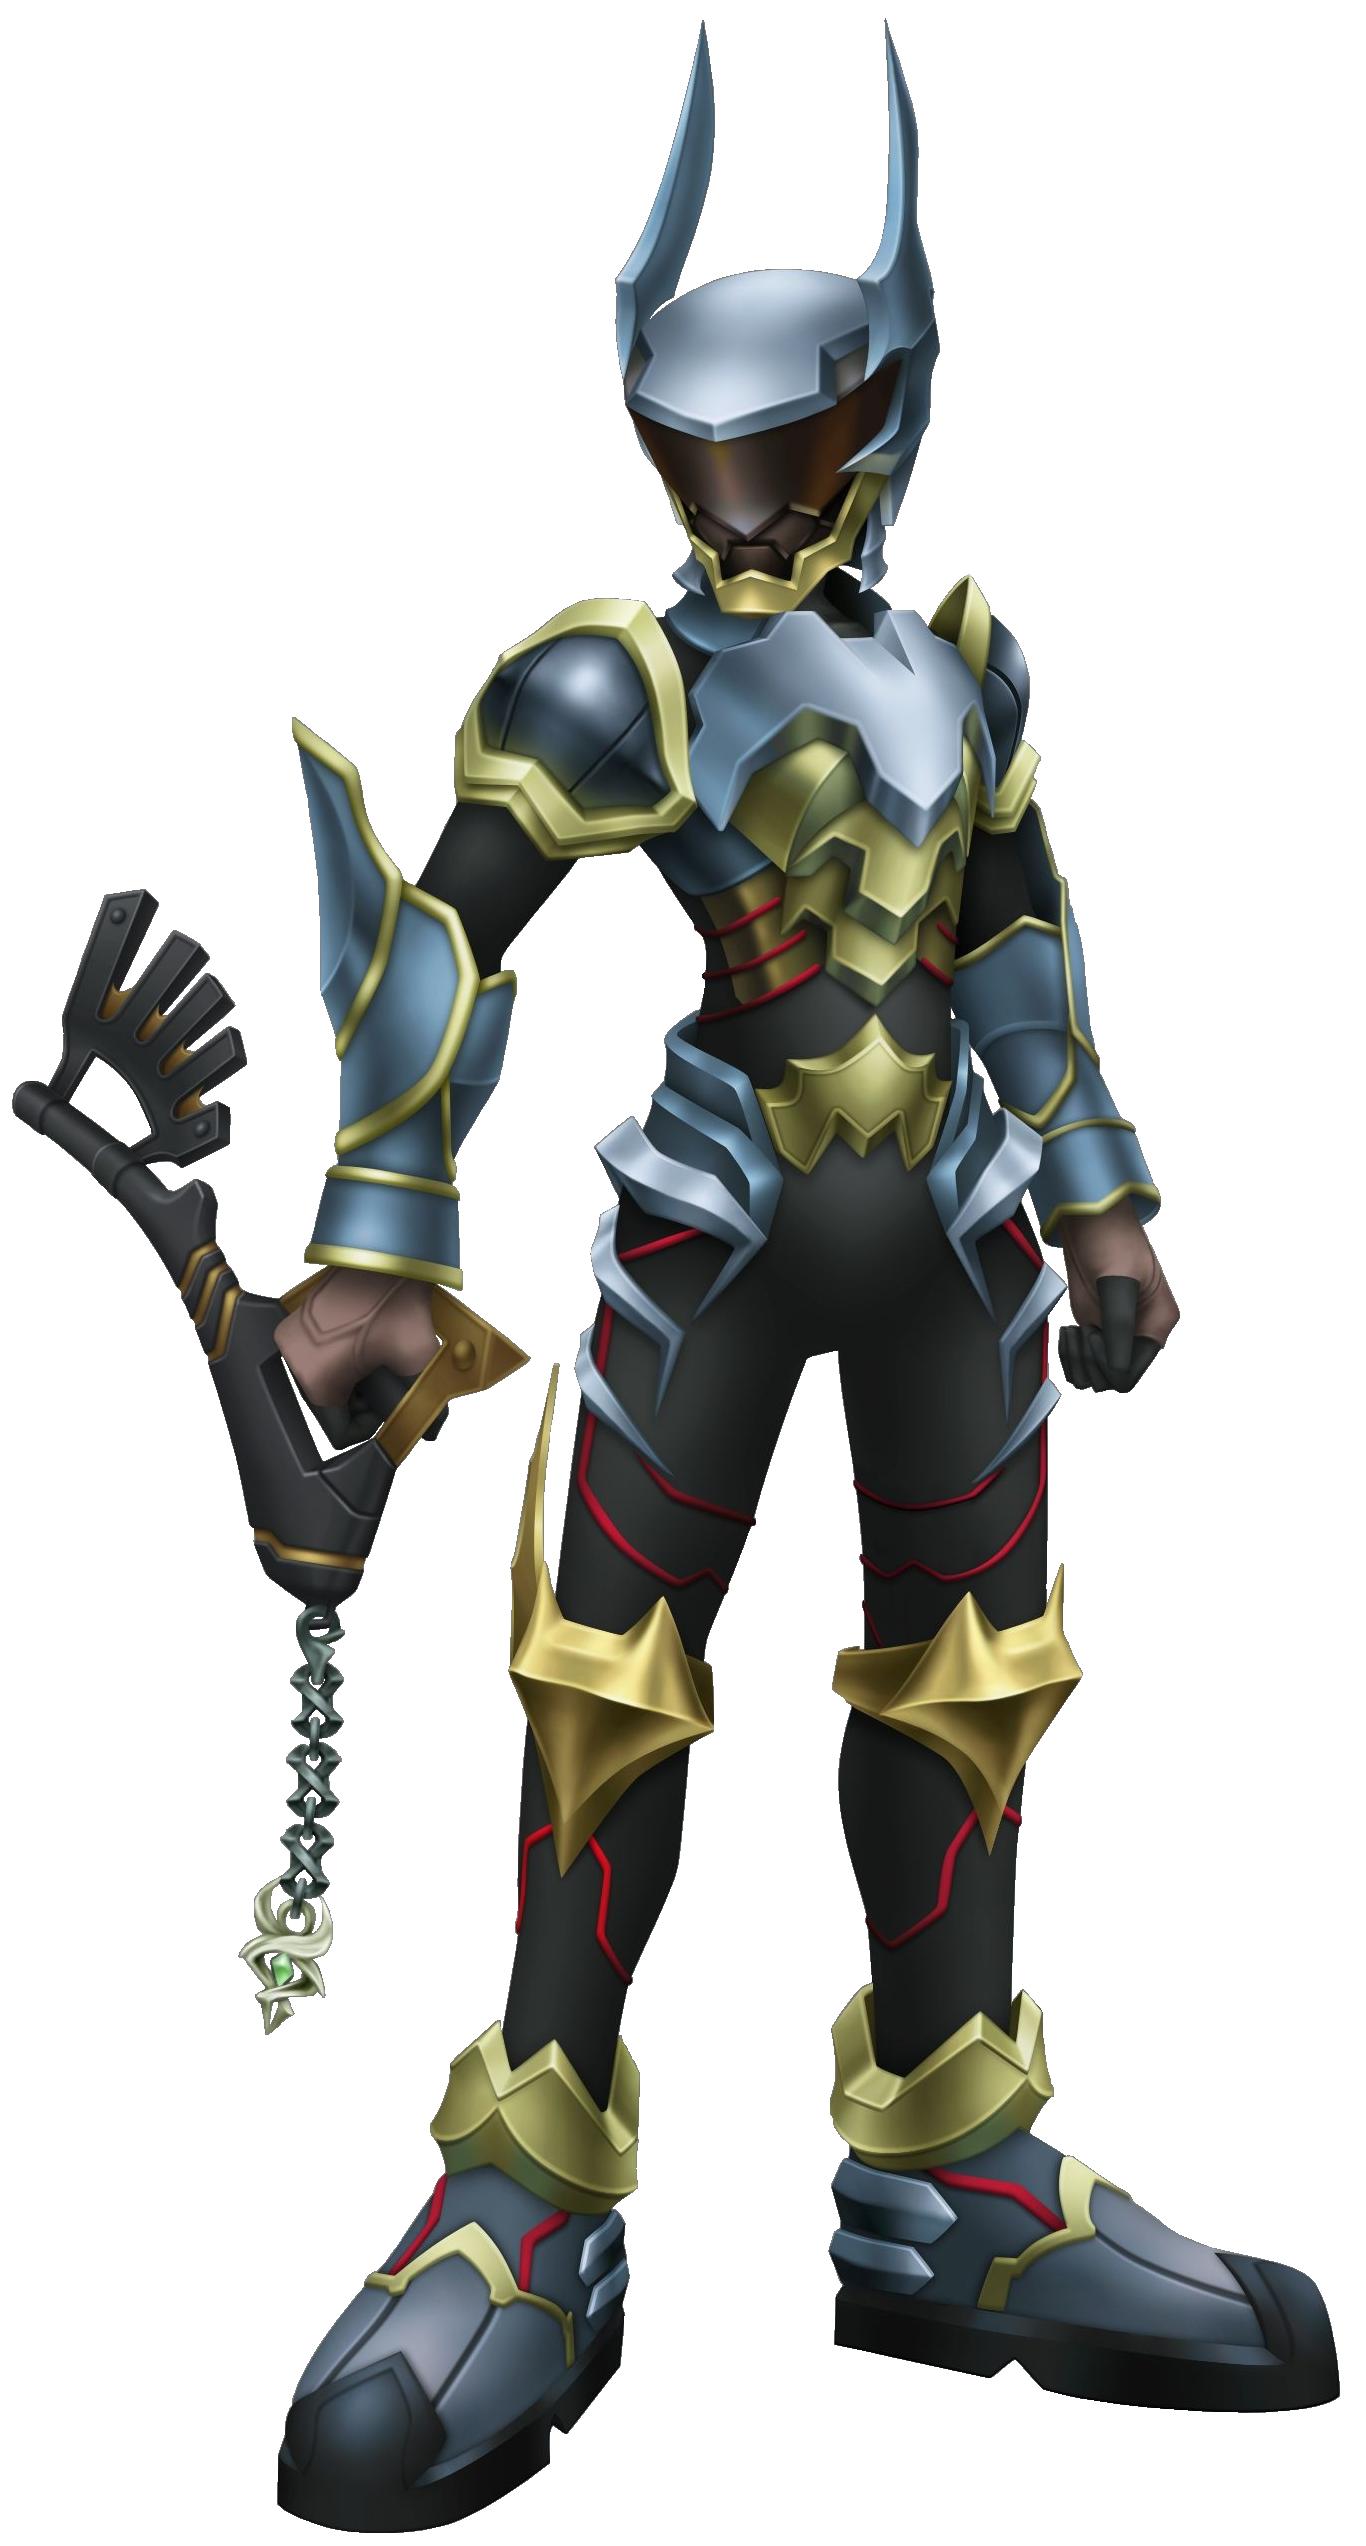 Image - Keyblade Armor (Ventus) KHBBS.png - Disney Wiki